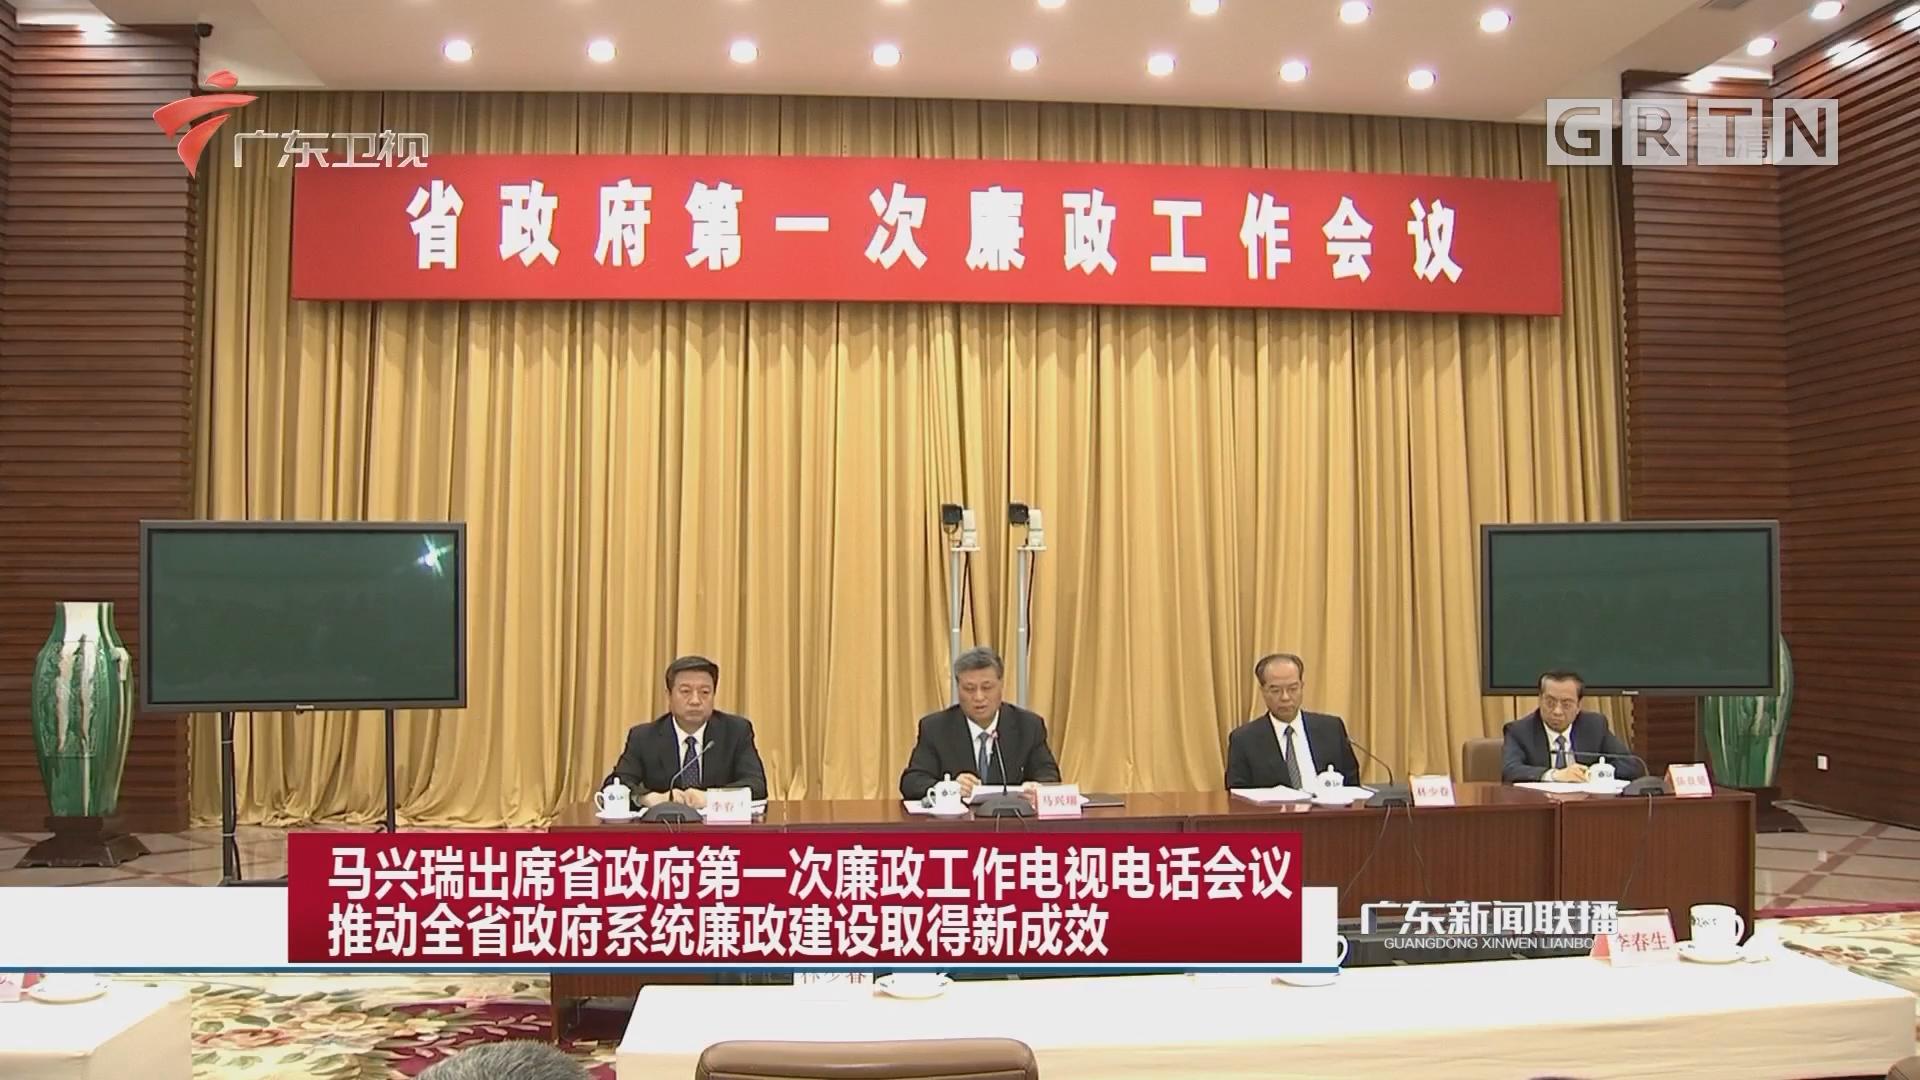 马兴瑞出席省政府第一次廉政工作电视电话会议 推动全省政府系统廉政建设取得新成效